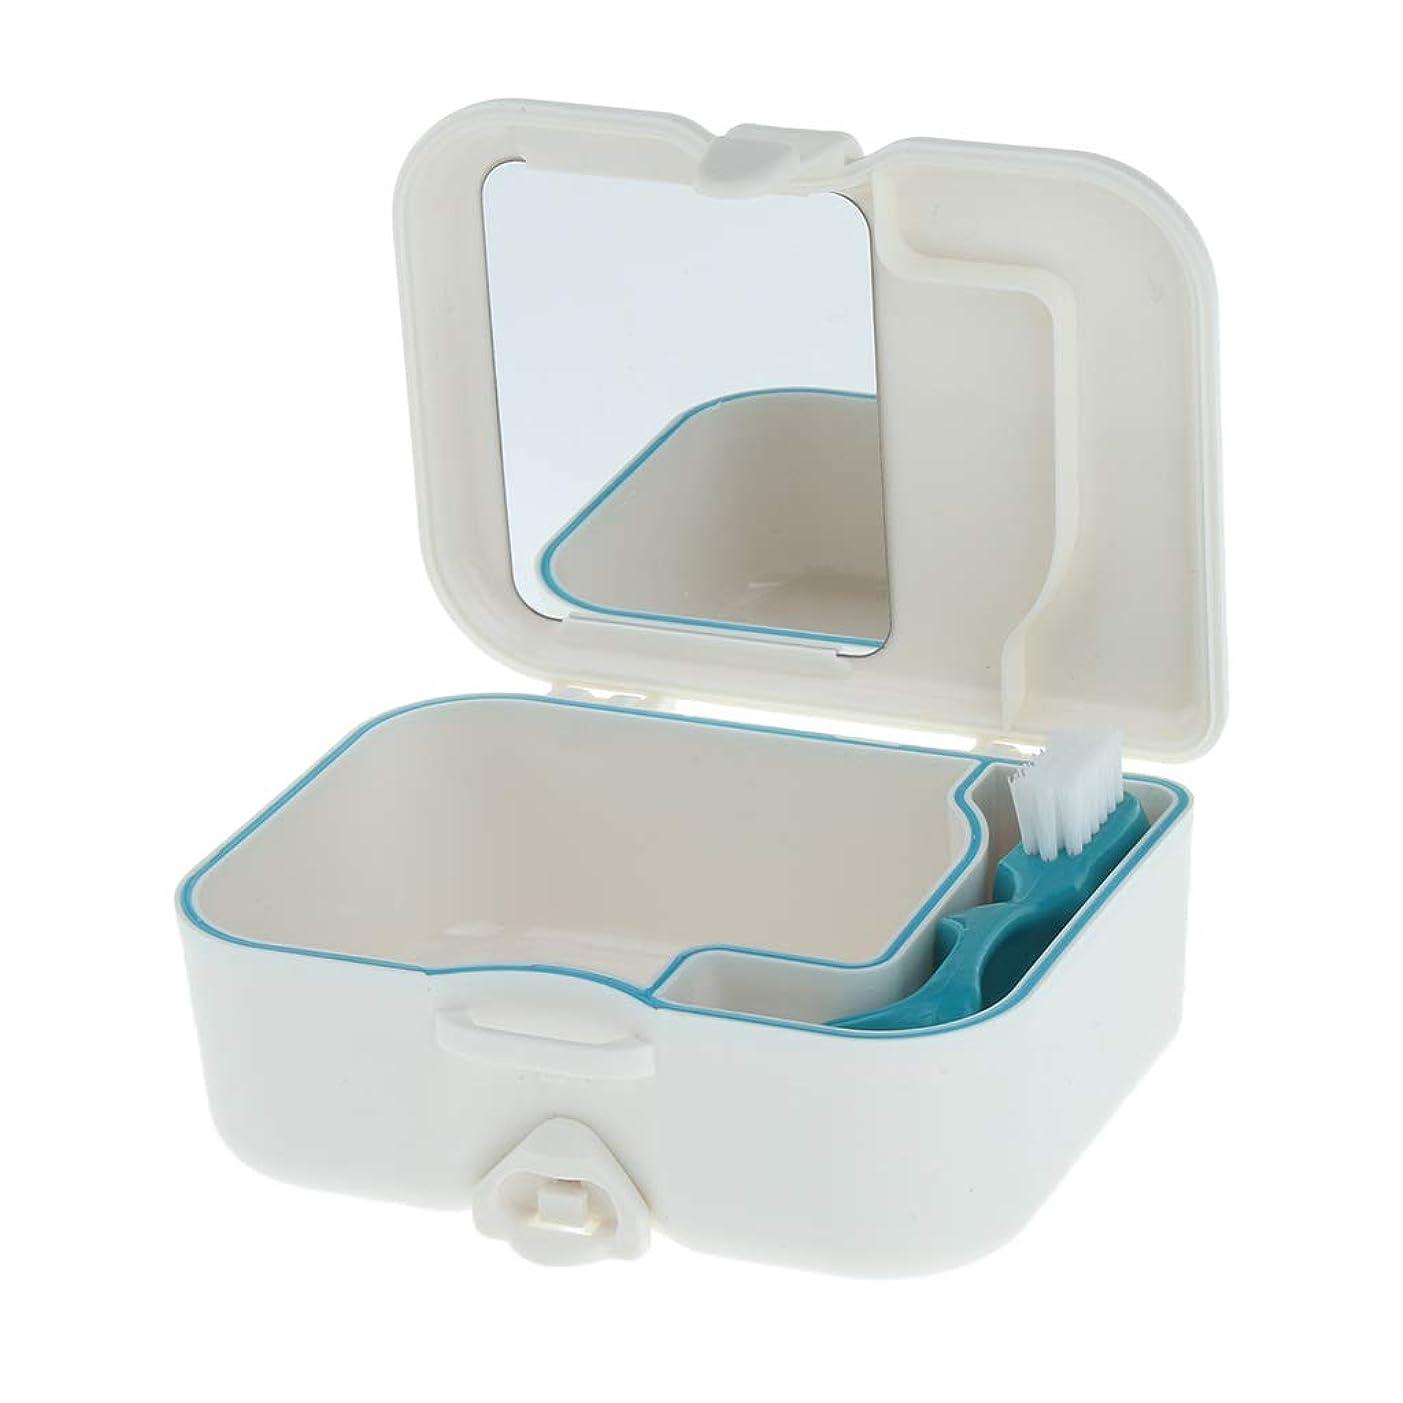 マナーキャッシュメロディアスHellery 入れ歯ケース 入れ歯収納 義歯ケース 義歯ボックス 義歯収納容器 旅行用 携帯用 防水 軽量